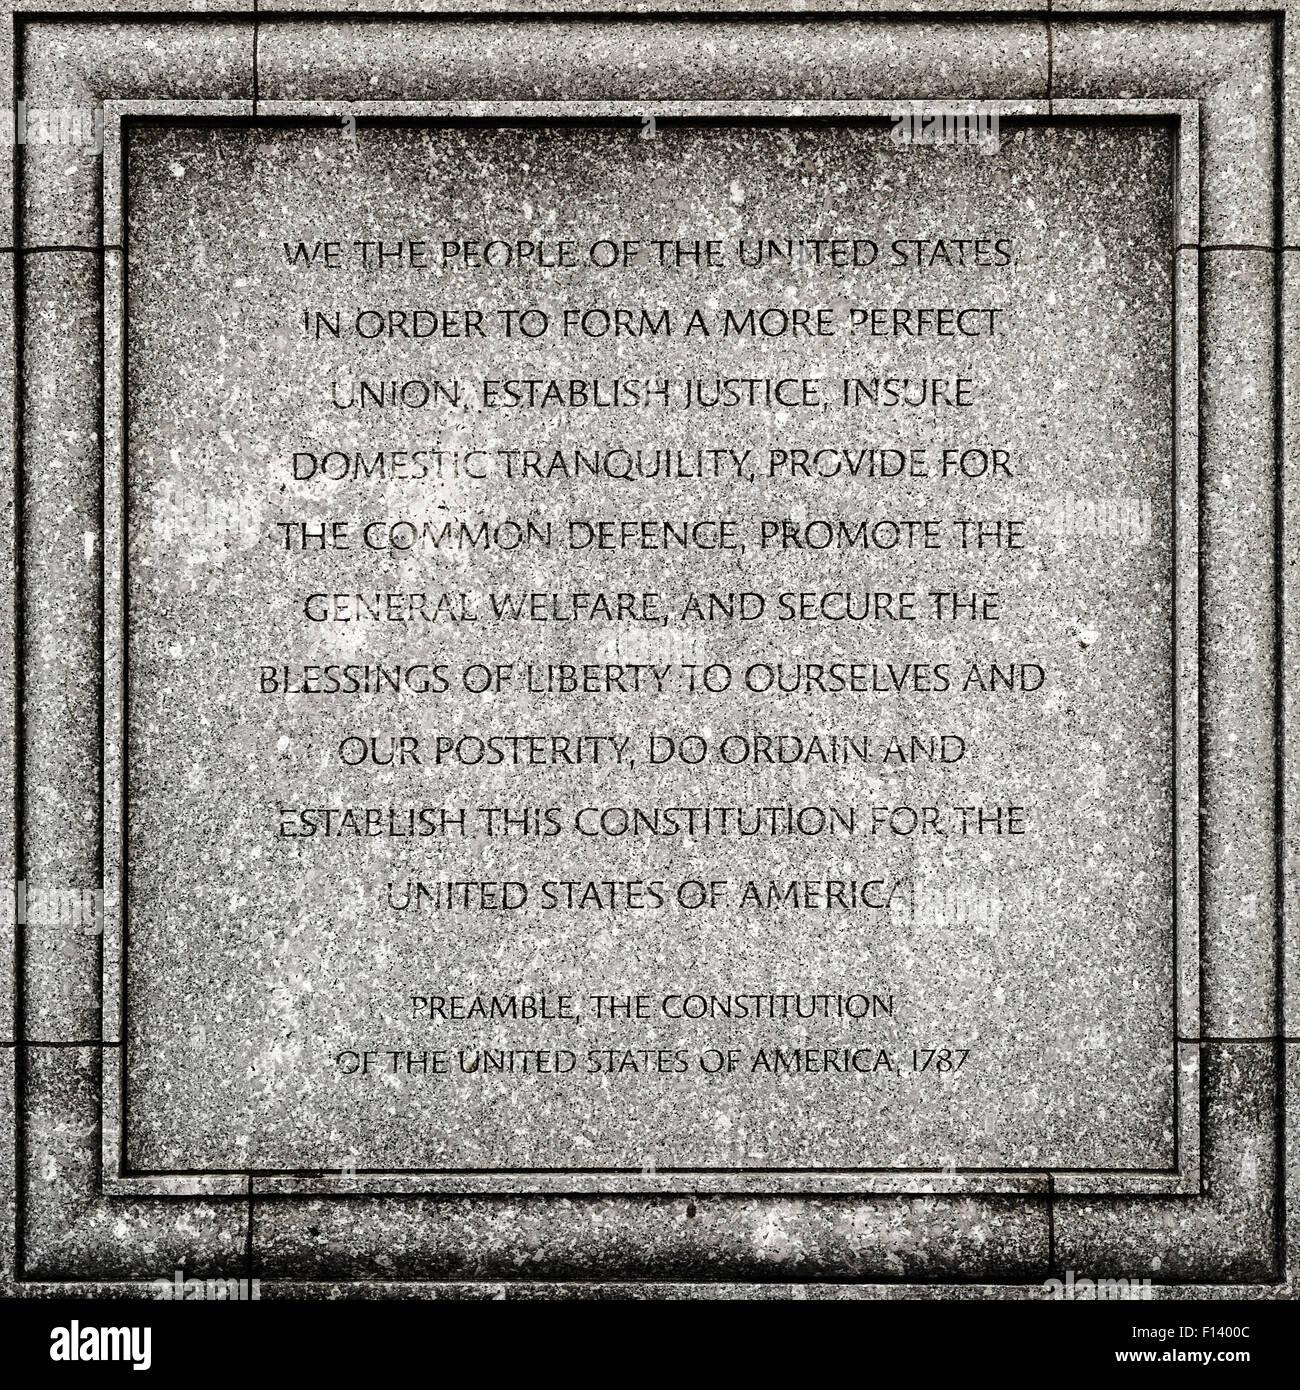 Outdoor-Detail von John Joseph Moakley United States Courthouse in Boston - Präambel der Verfassung der USA Stockbild